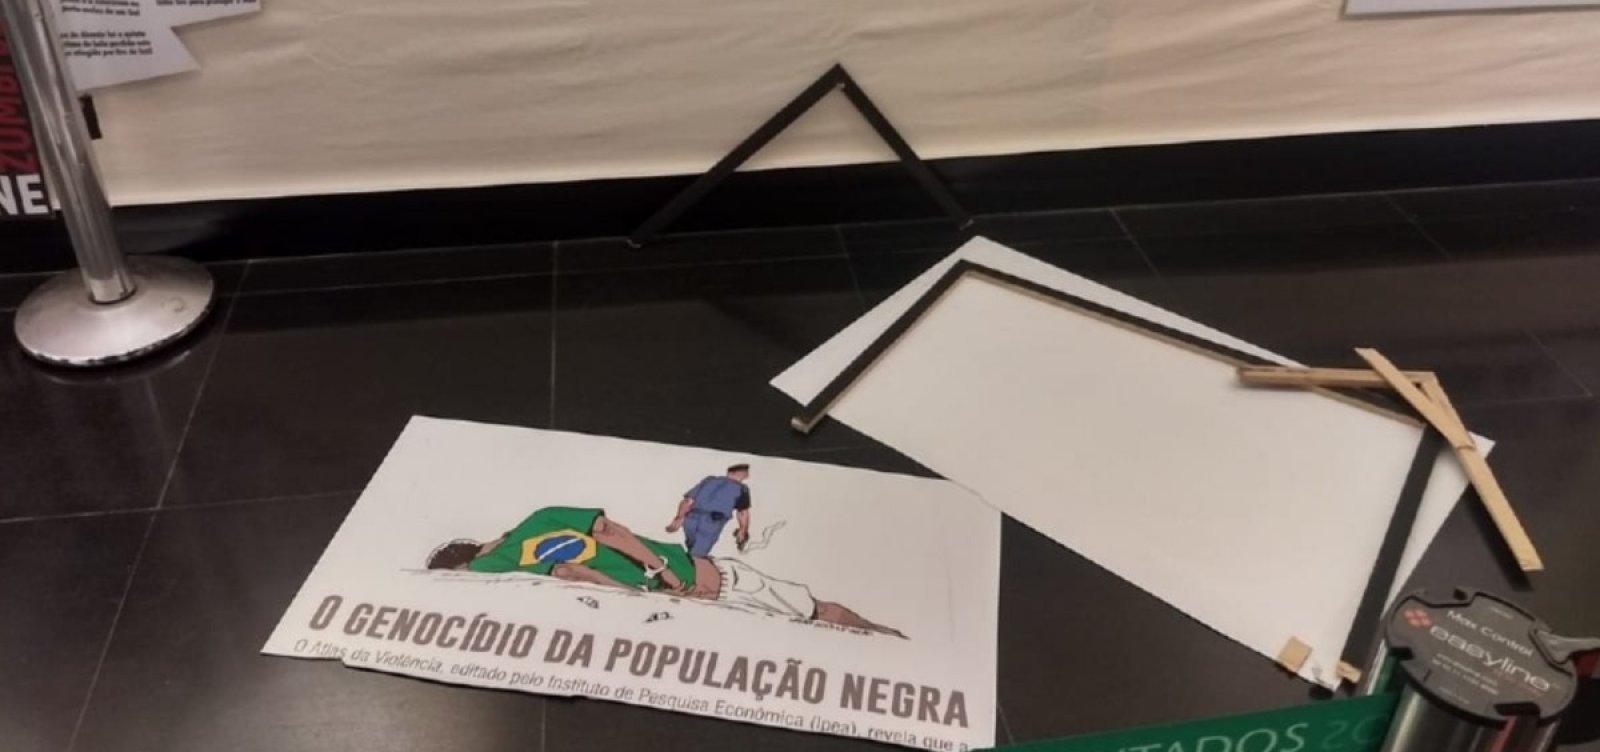 Oposição representa contra deputados do PSL por quebra de decoro e racismo